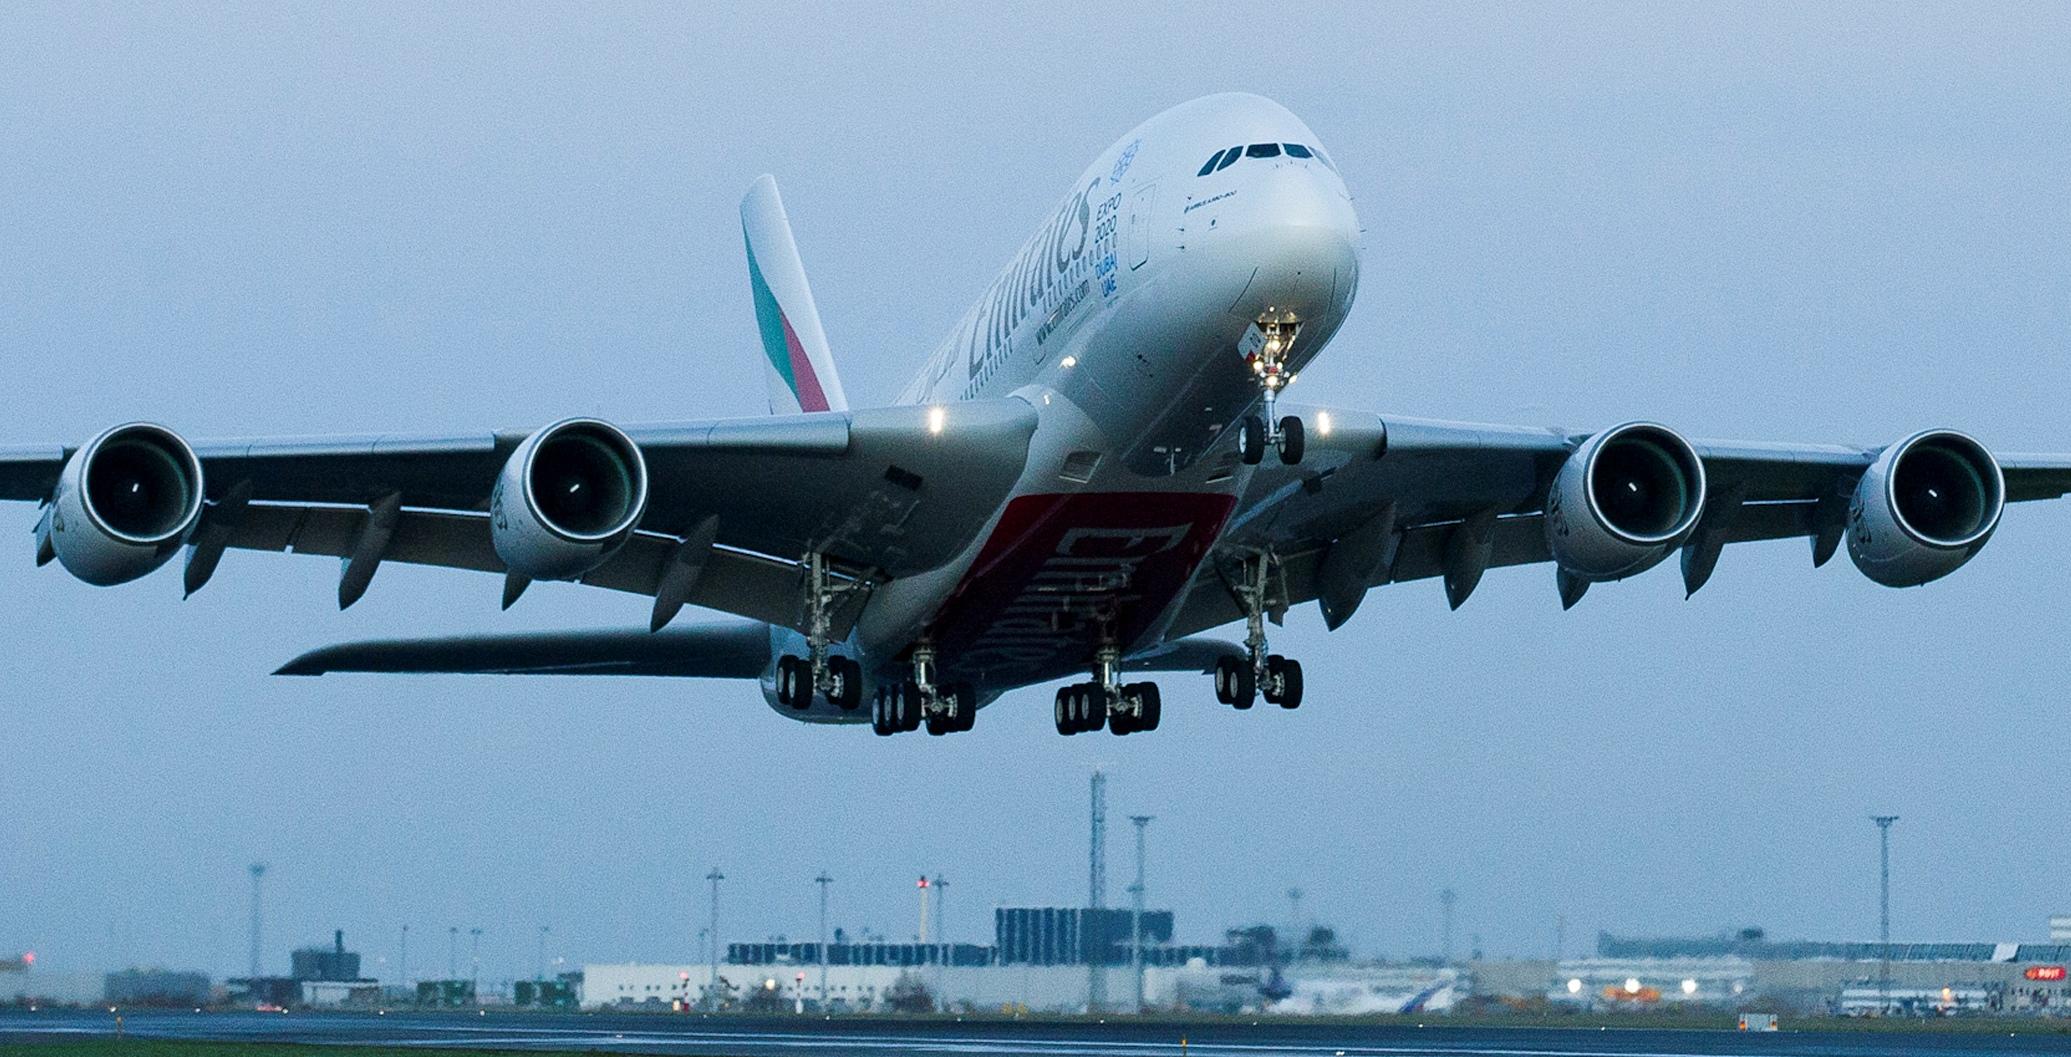 Emirates har klart største passagerfly i Københavns Lufthavn med selskabets daglige rute til og fra Dubai. Arkivfoto fra Københavns Lufthavn.